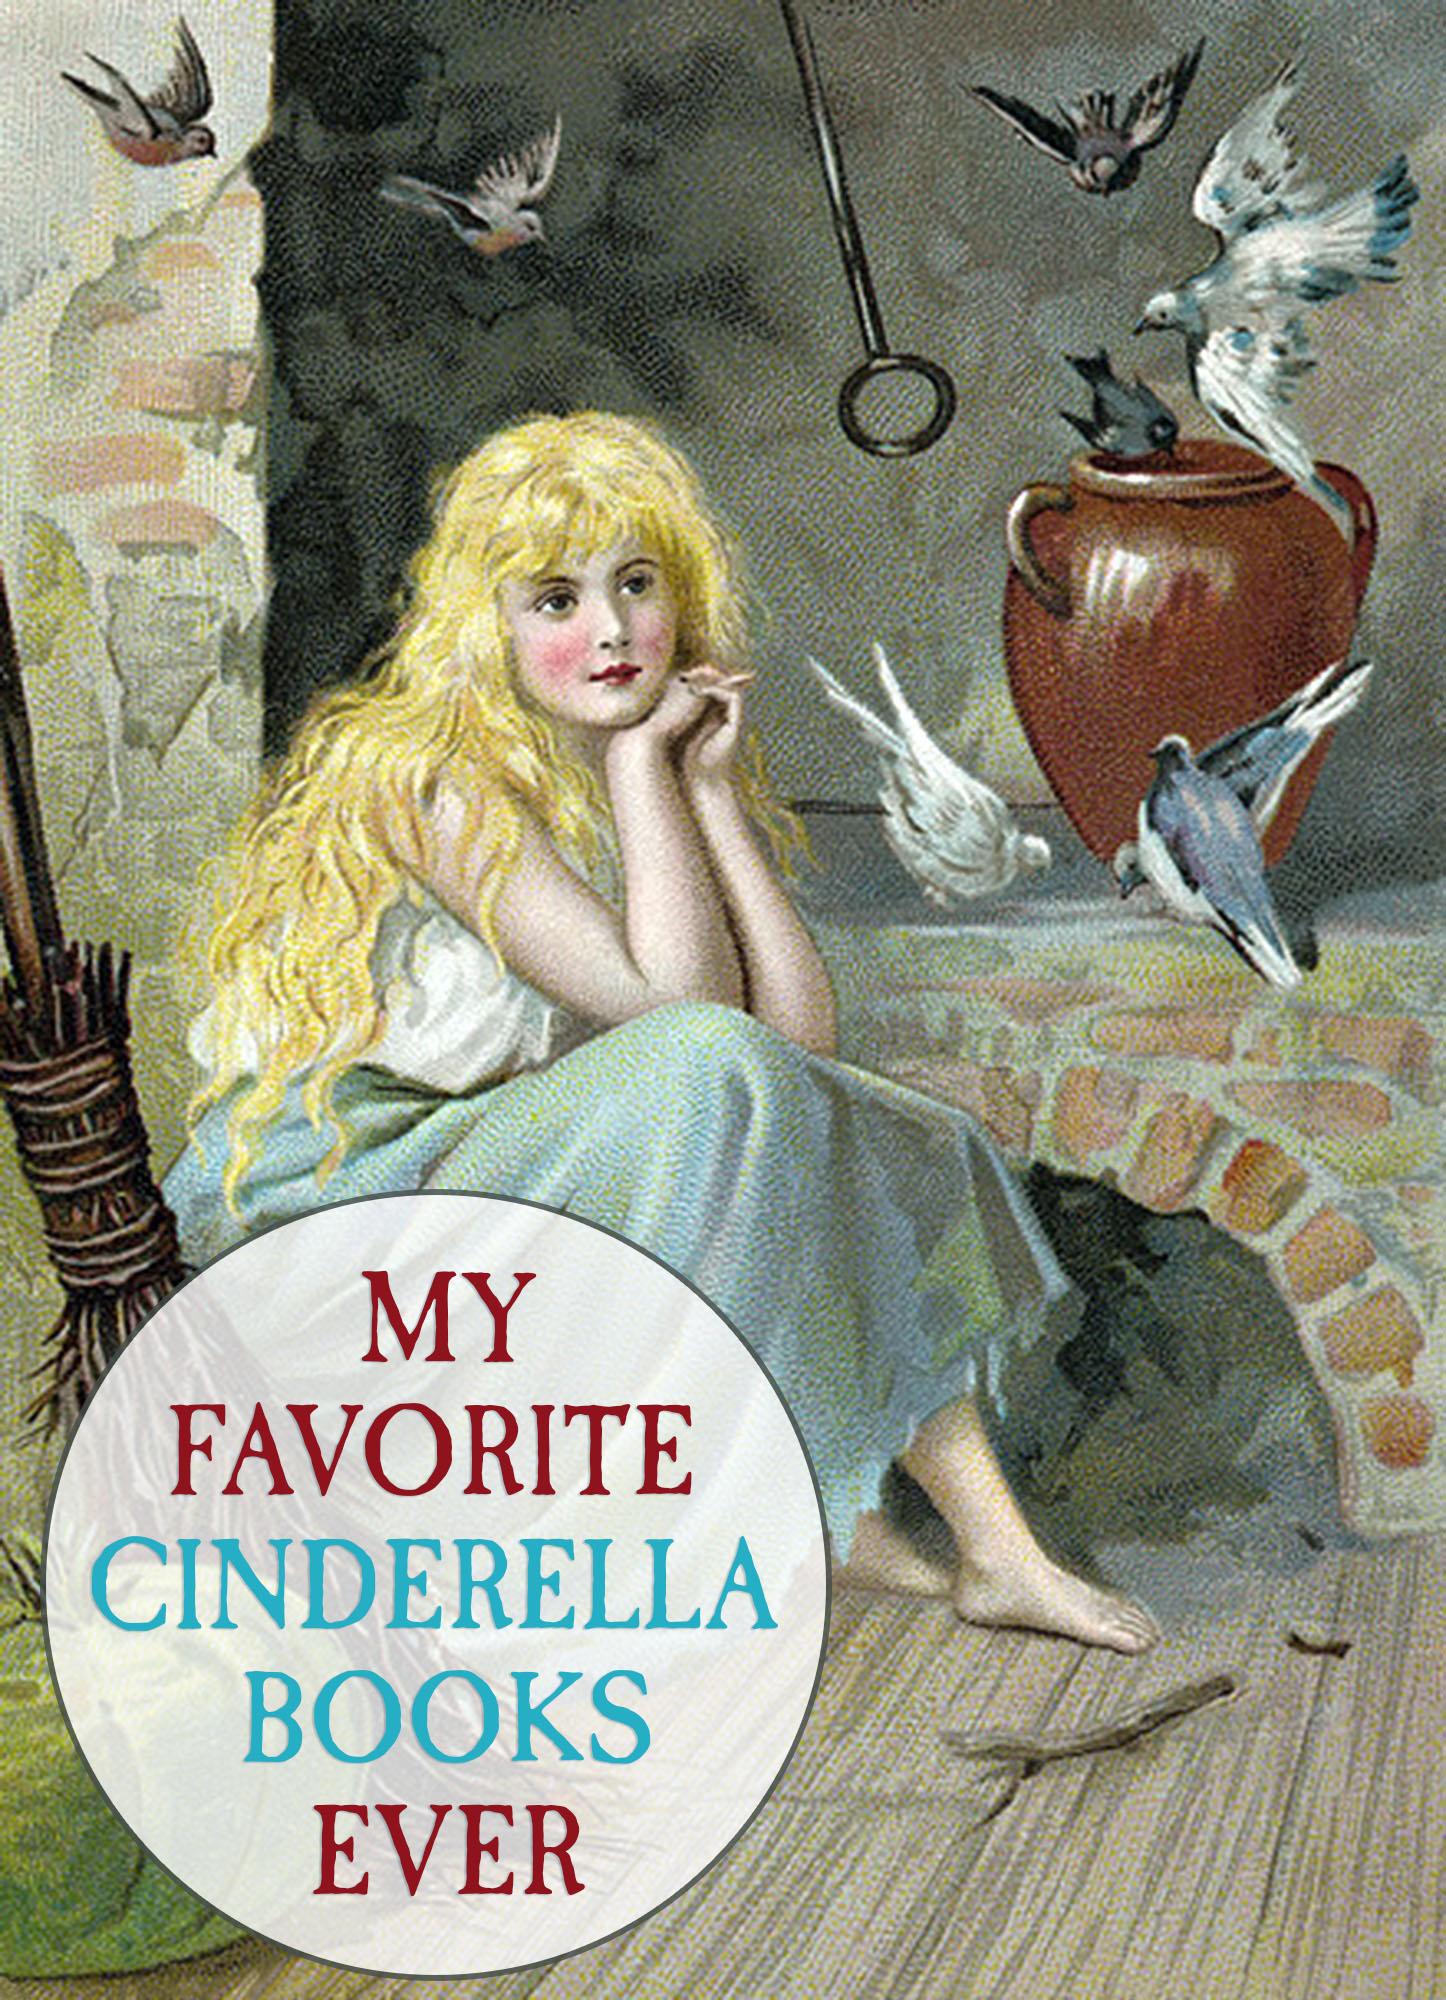 Vintage-Cinderella-Image2 copy.jpg